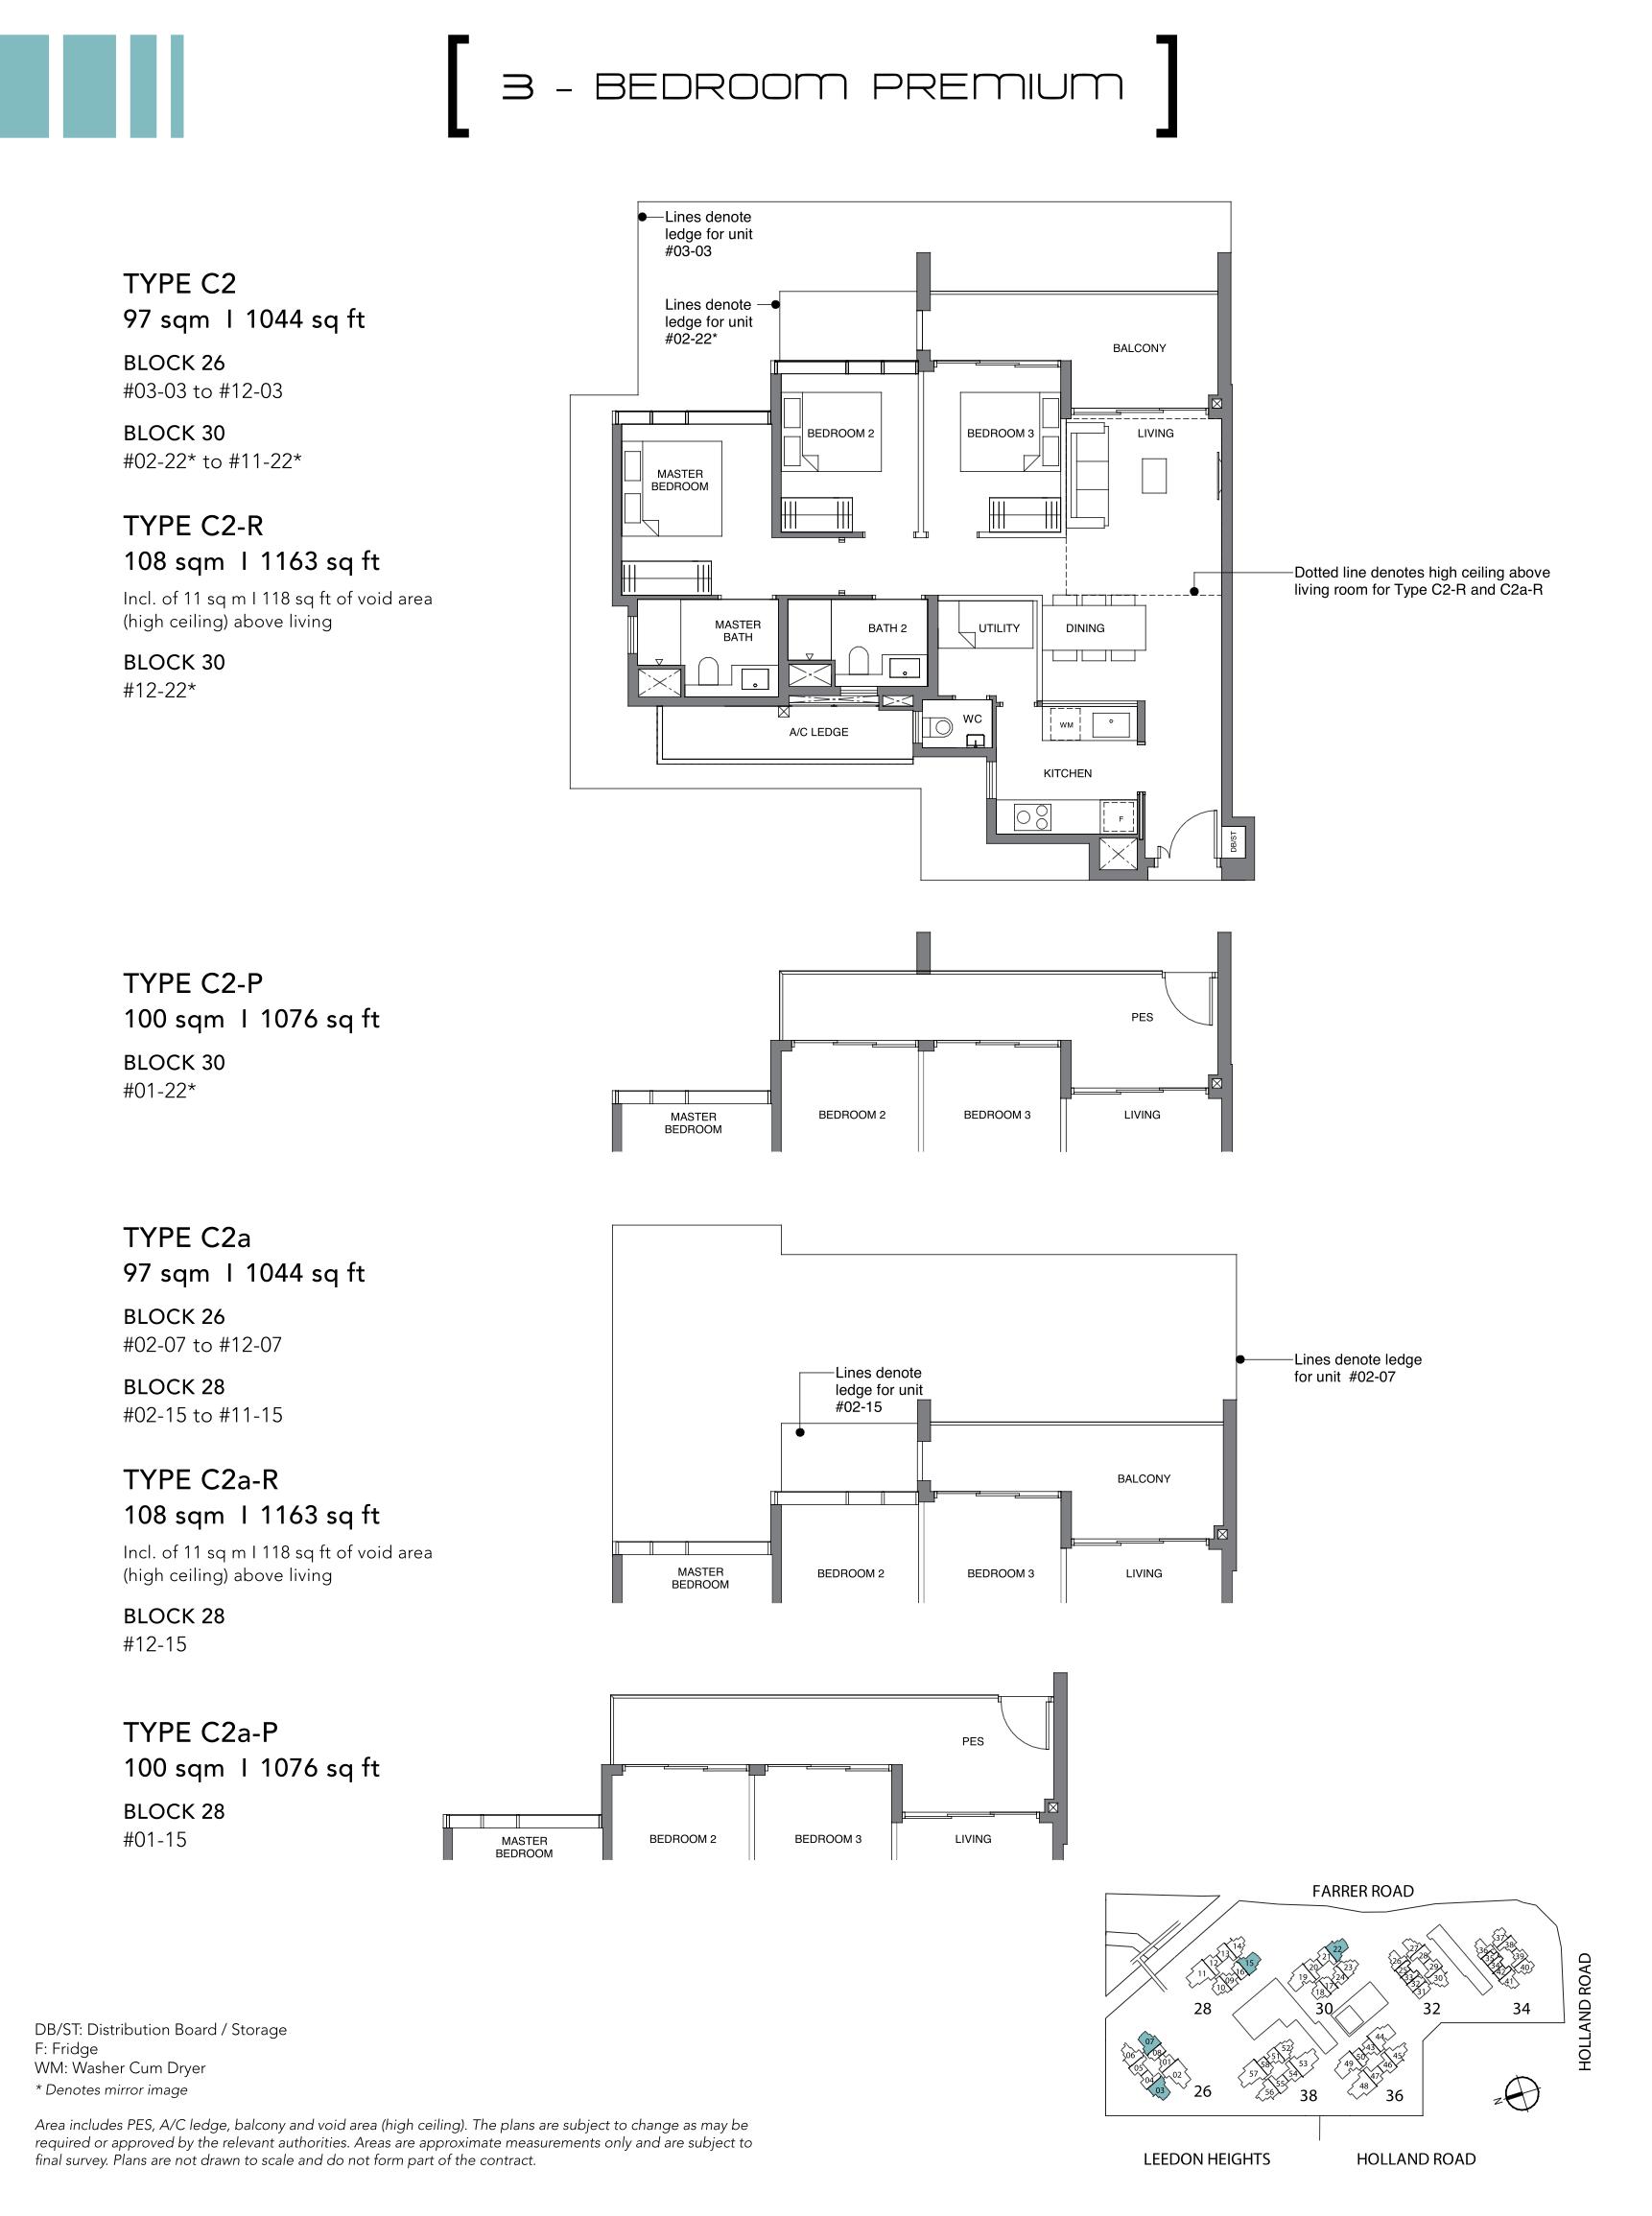 绿墩雅苑公寓户型图 Leedon Green floor plan 3 bedroom premium c2